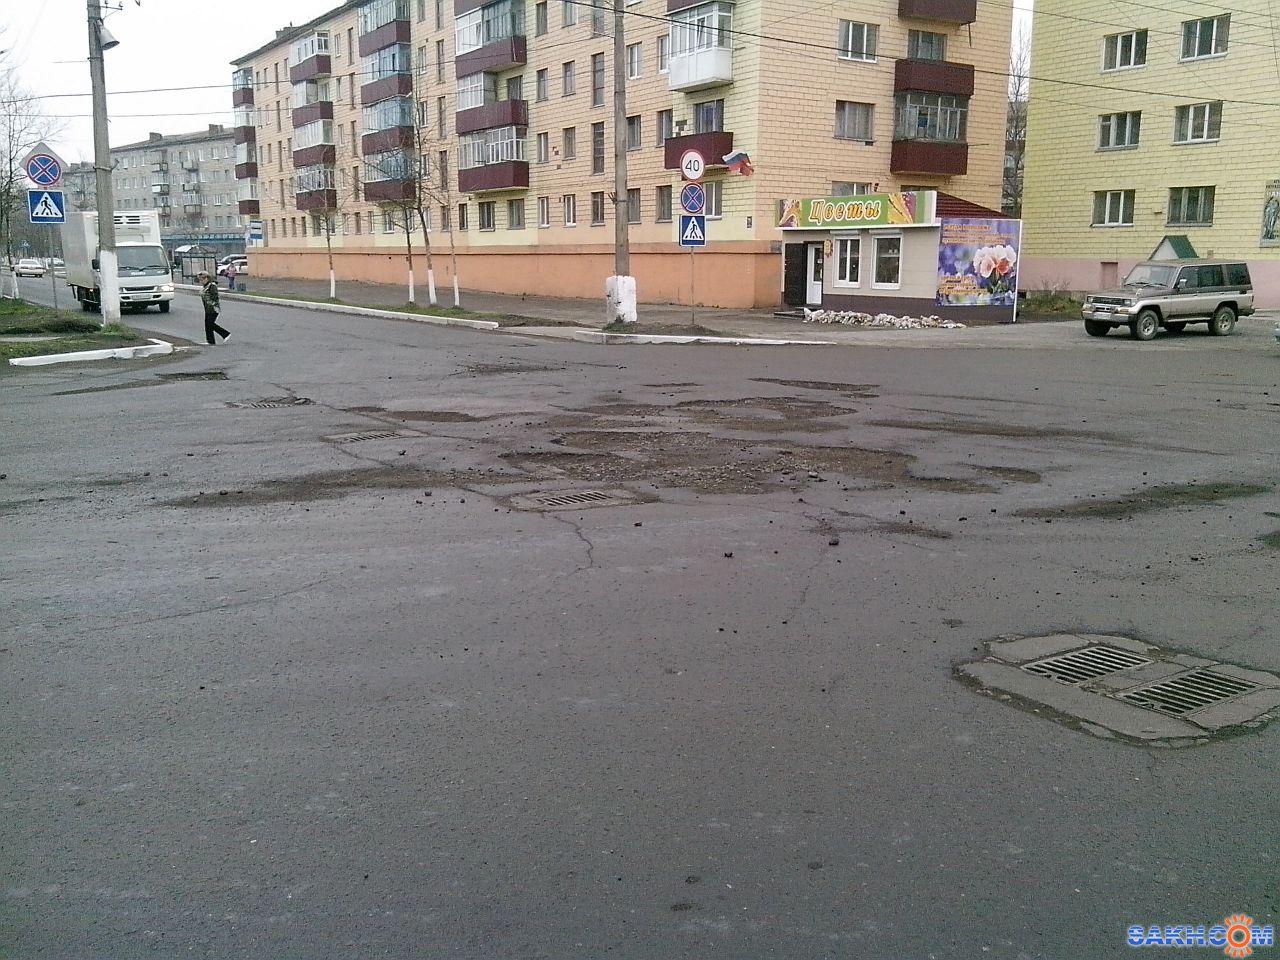 kot2013: Бардак